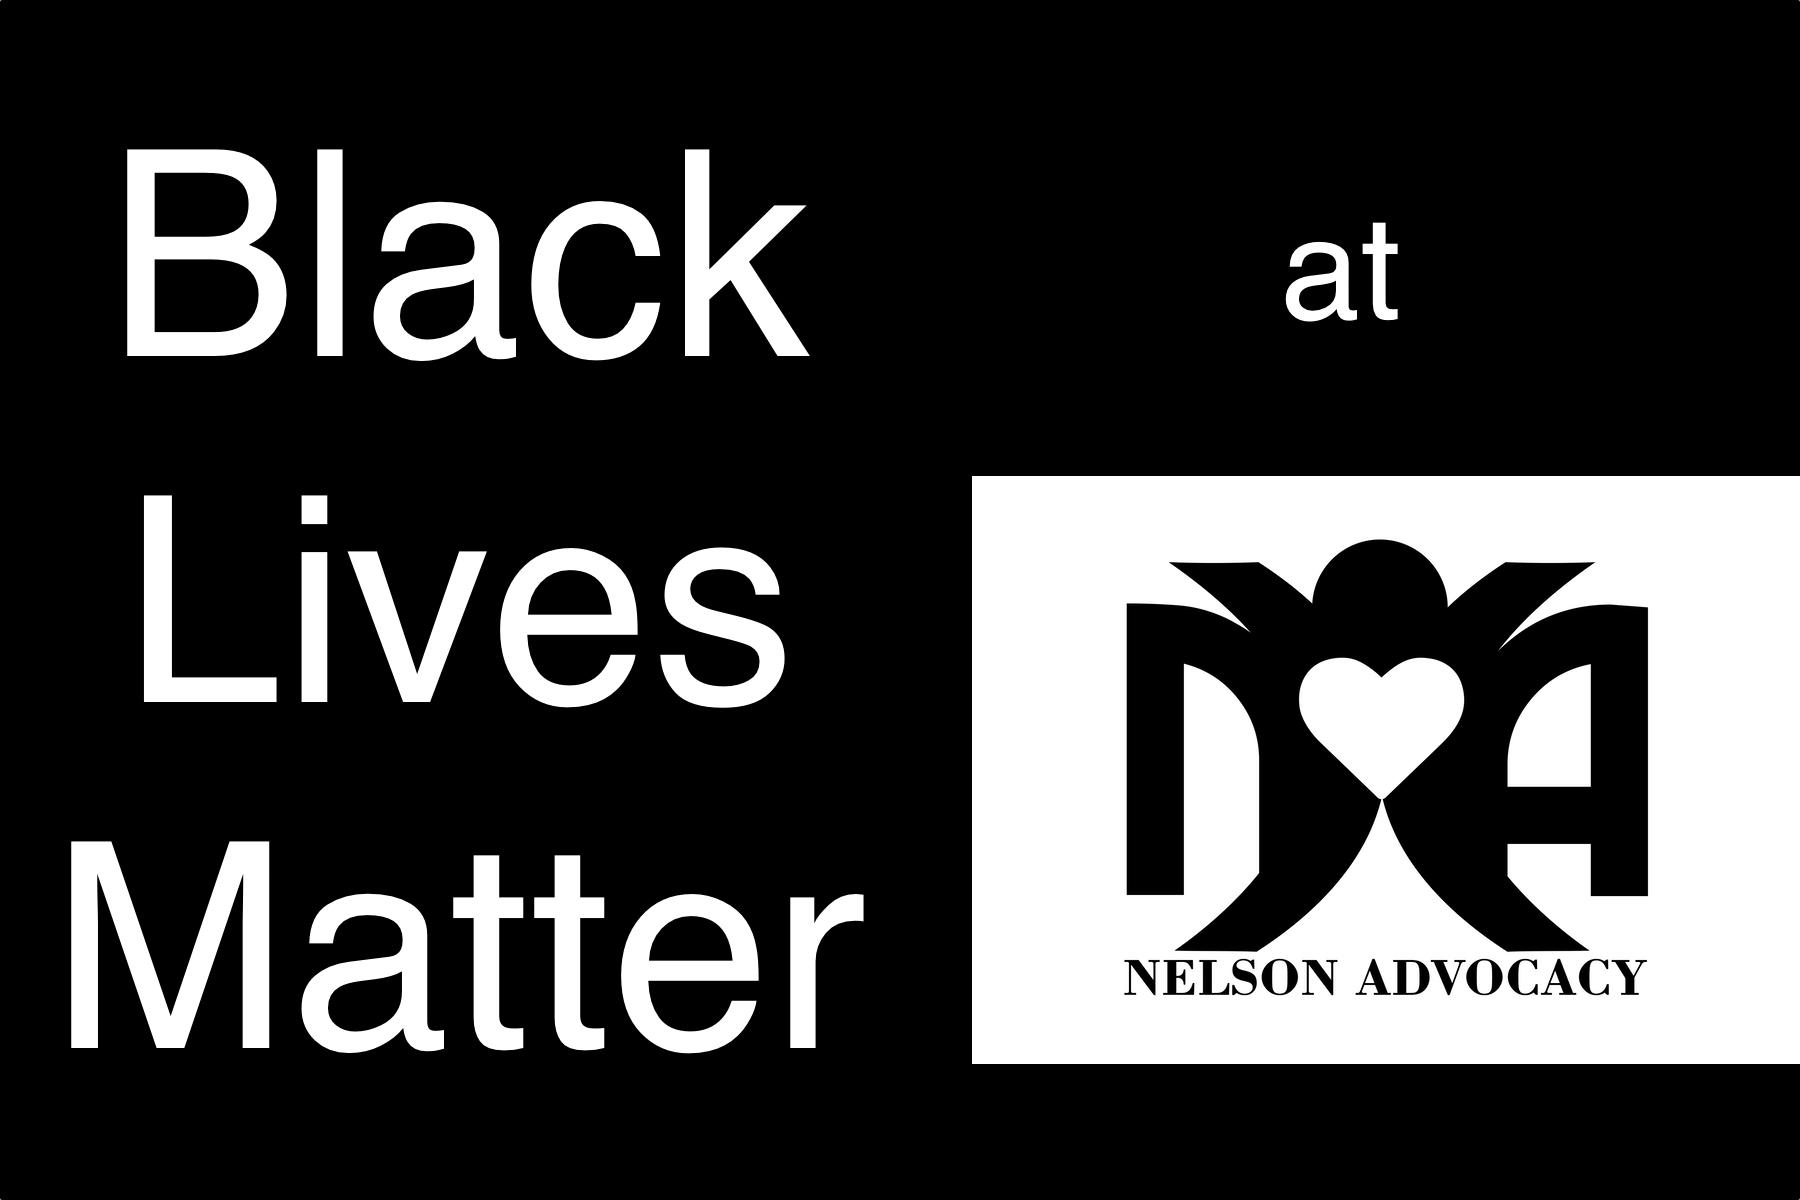 BlackLivesMatteratNelsonAdvocacy